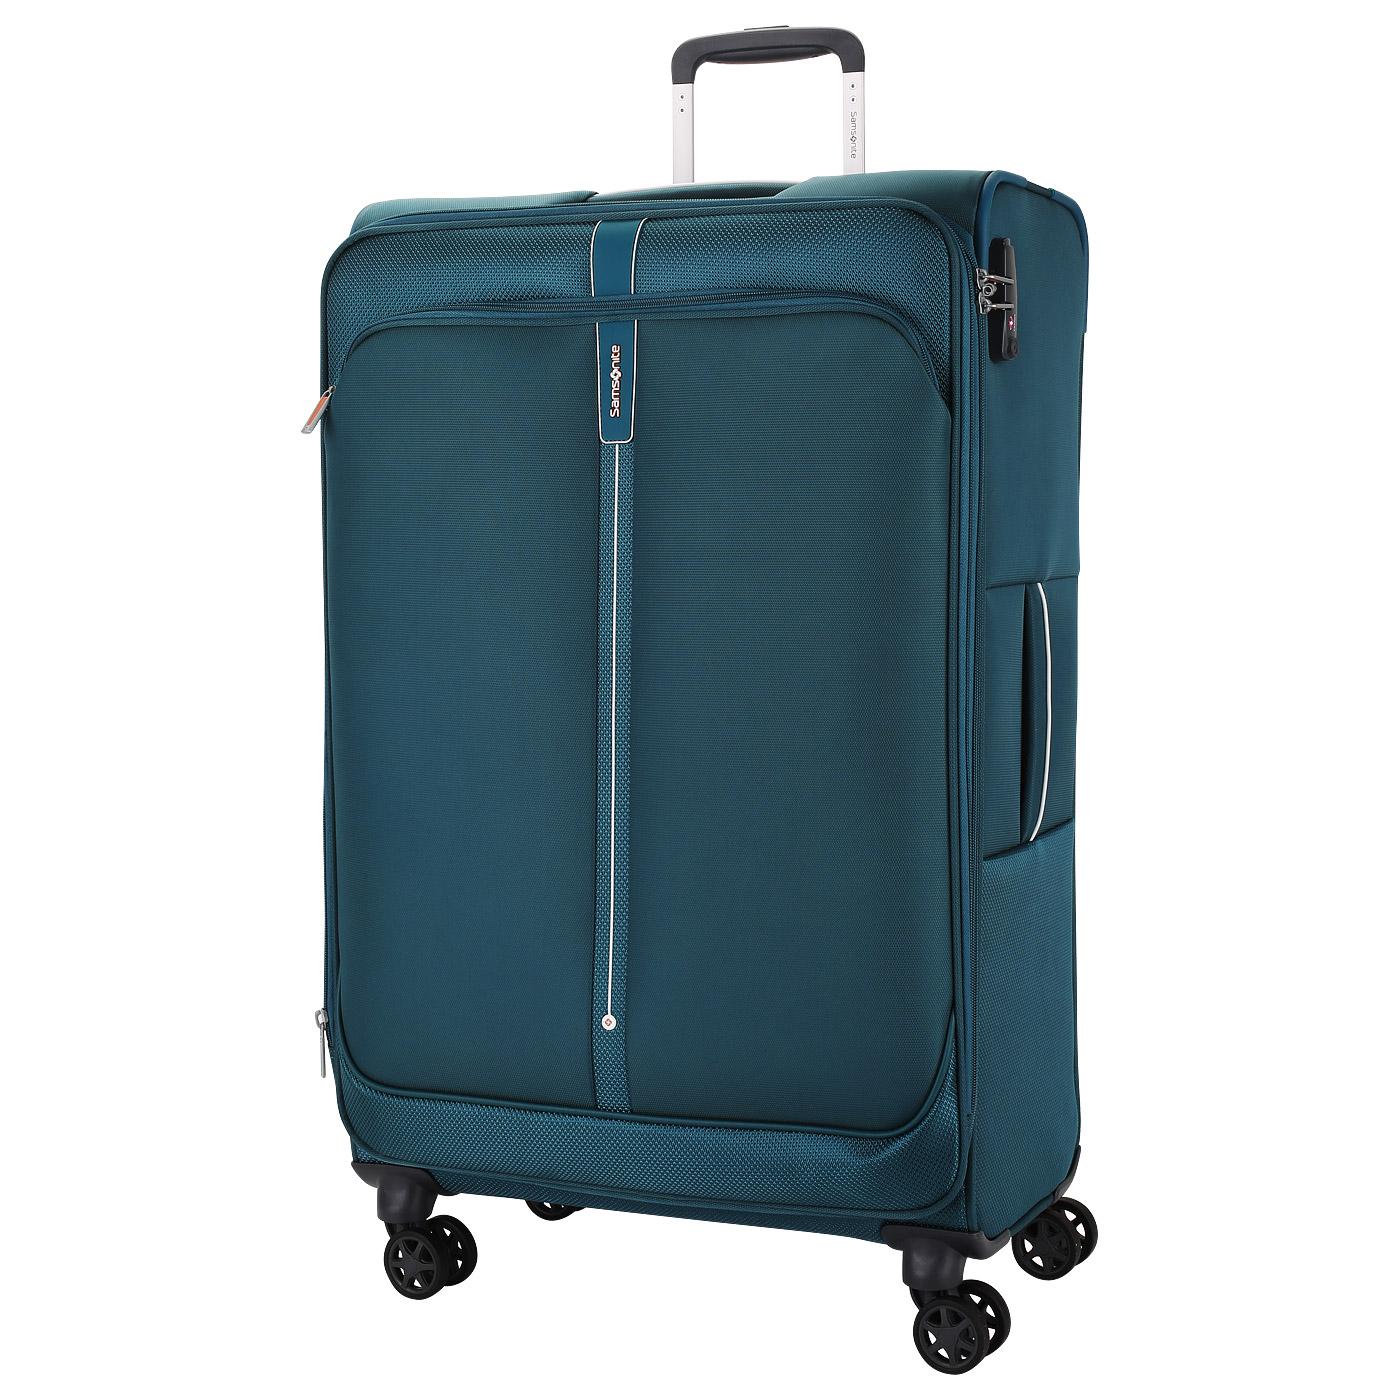 Купить чемодан samsonite в Москве в магазине